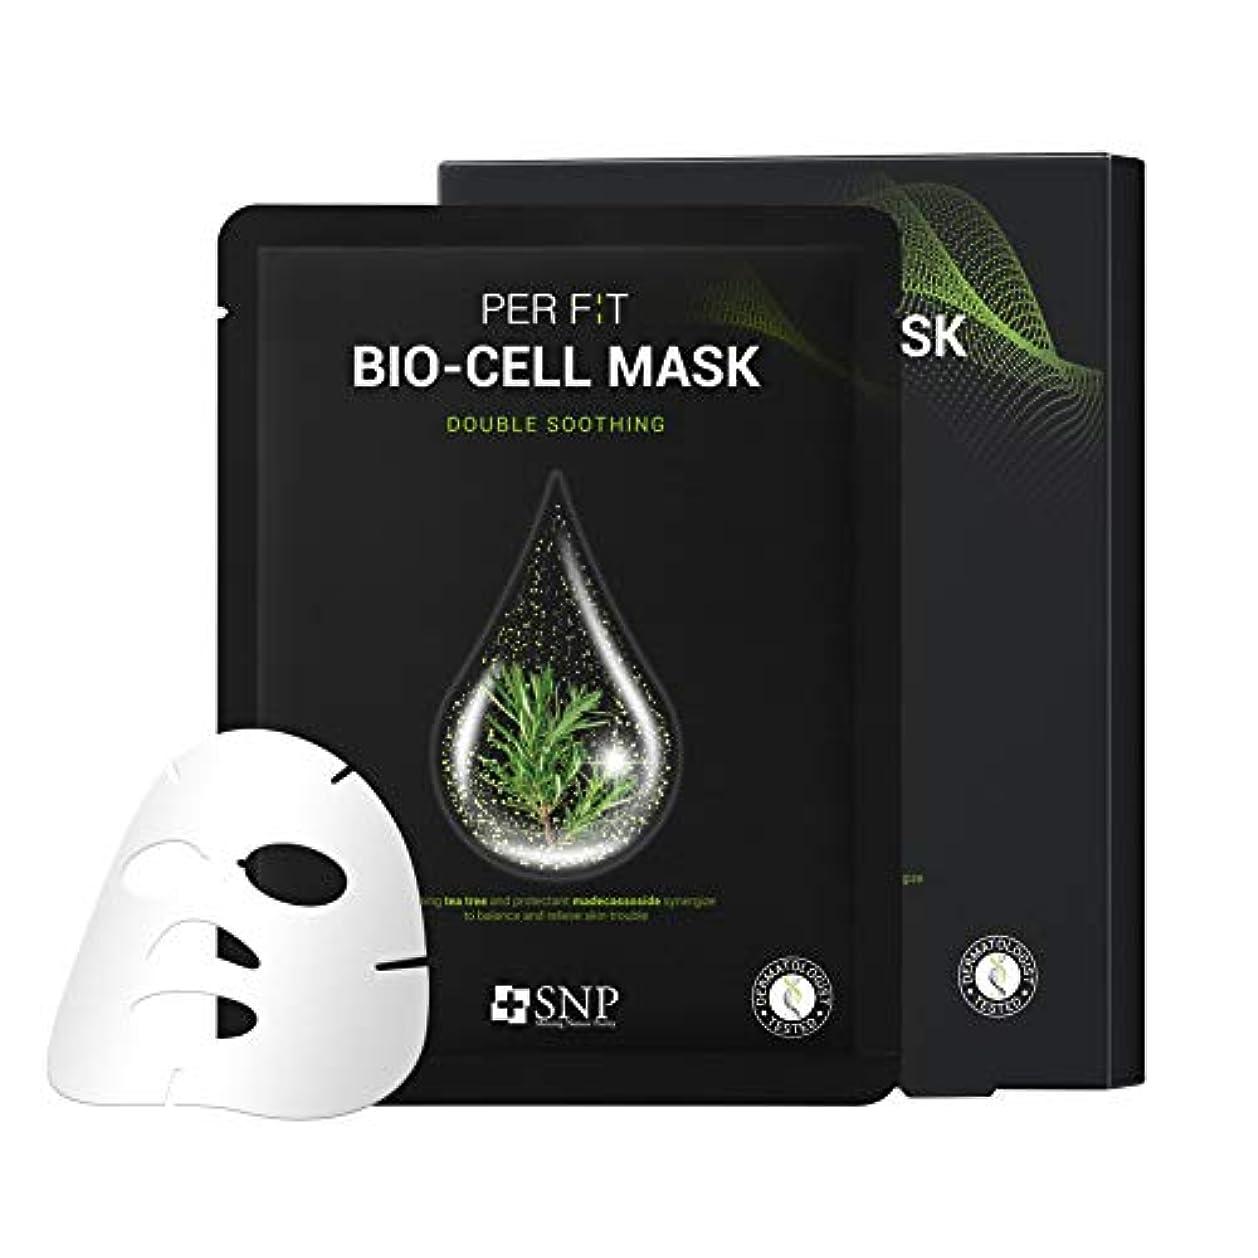 呪われた苦痛深く【SNP公式】 パーフィット バイオセルマスク ダブルスージング 5枚セット / PER F:T BIO-CELL MASK DOUBLE SOOTHING 韓国パック 韓国コスメ パック マスクパック シートマスク